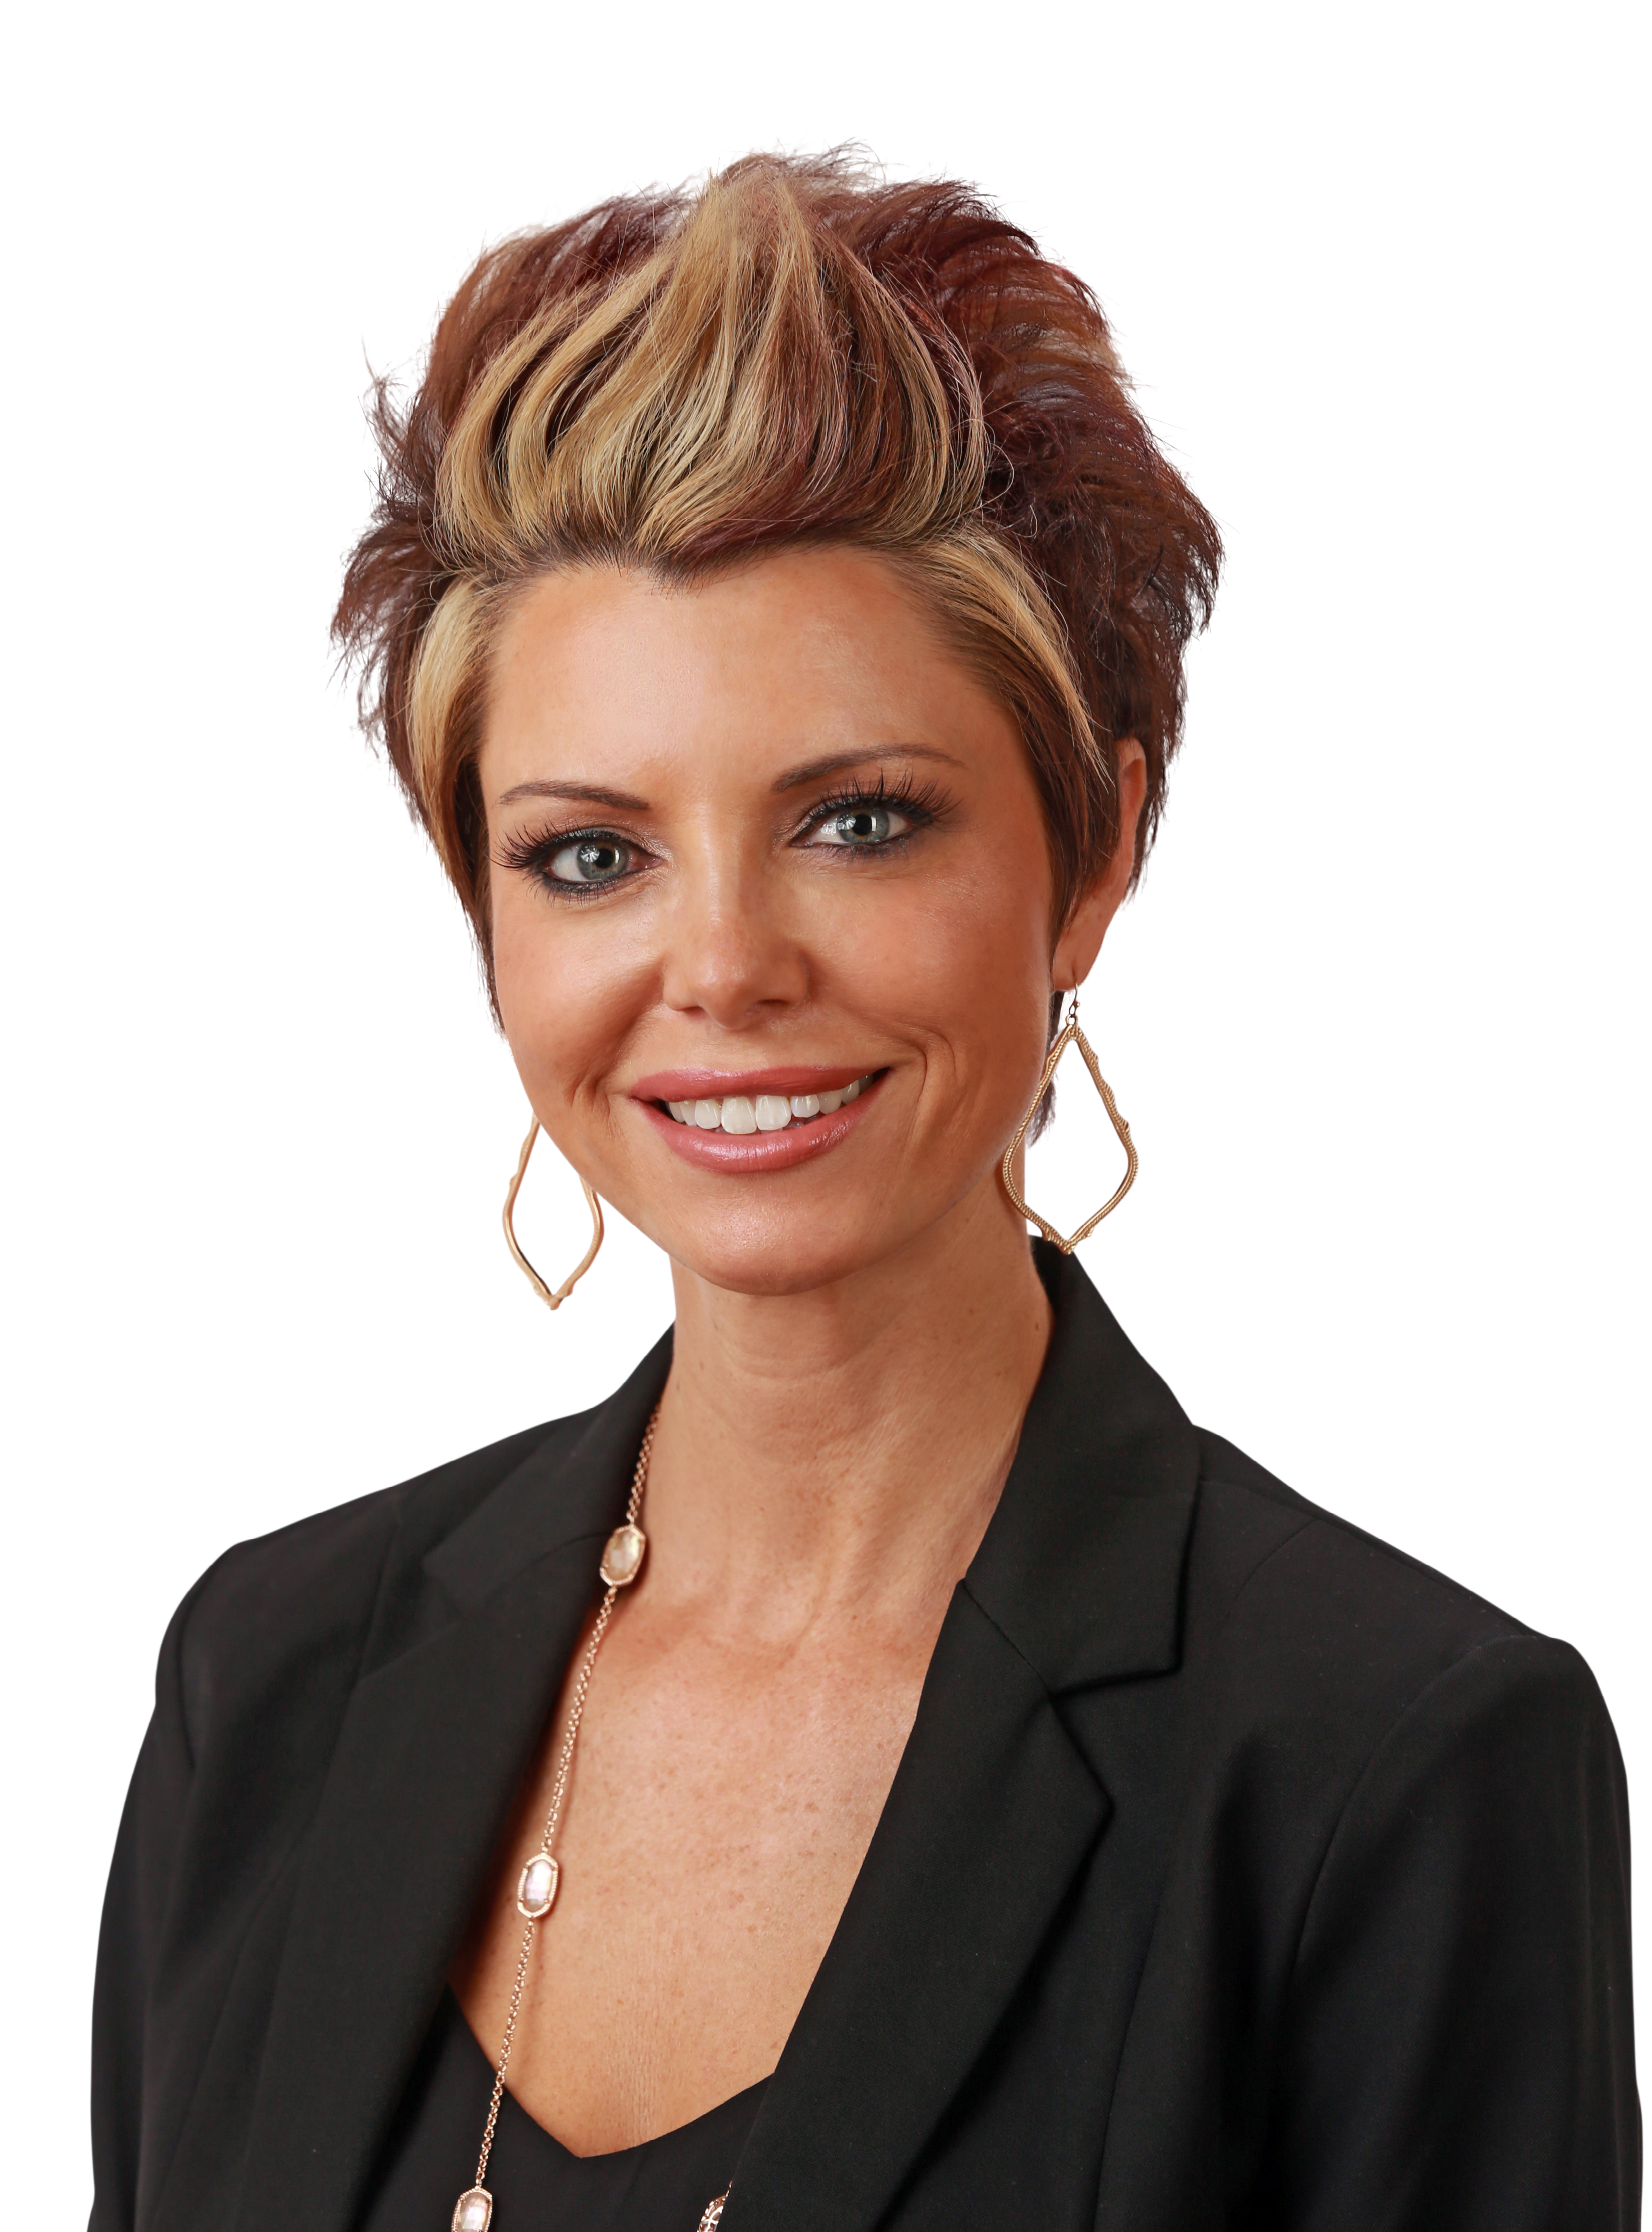 Stephanie Lindamood